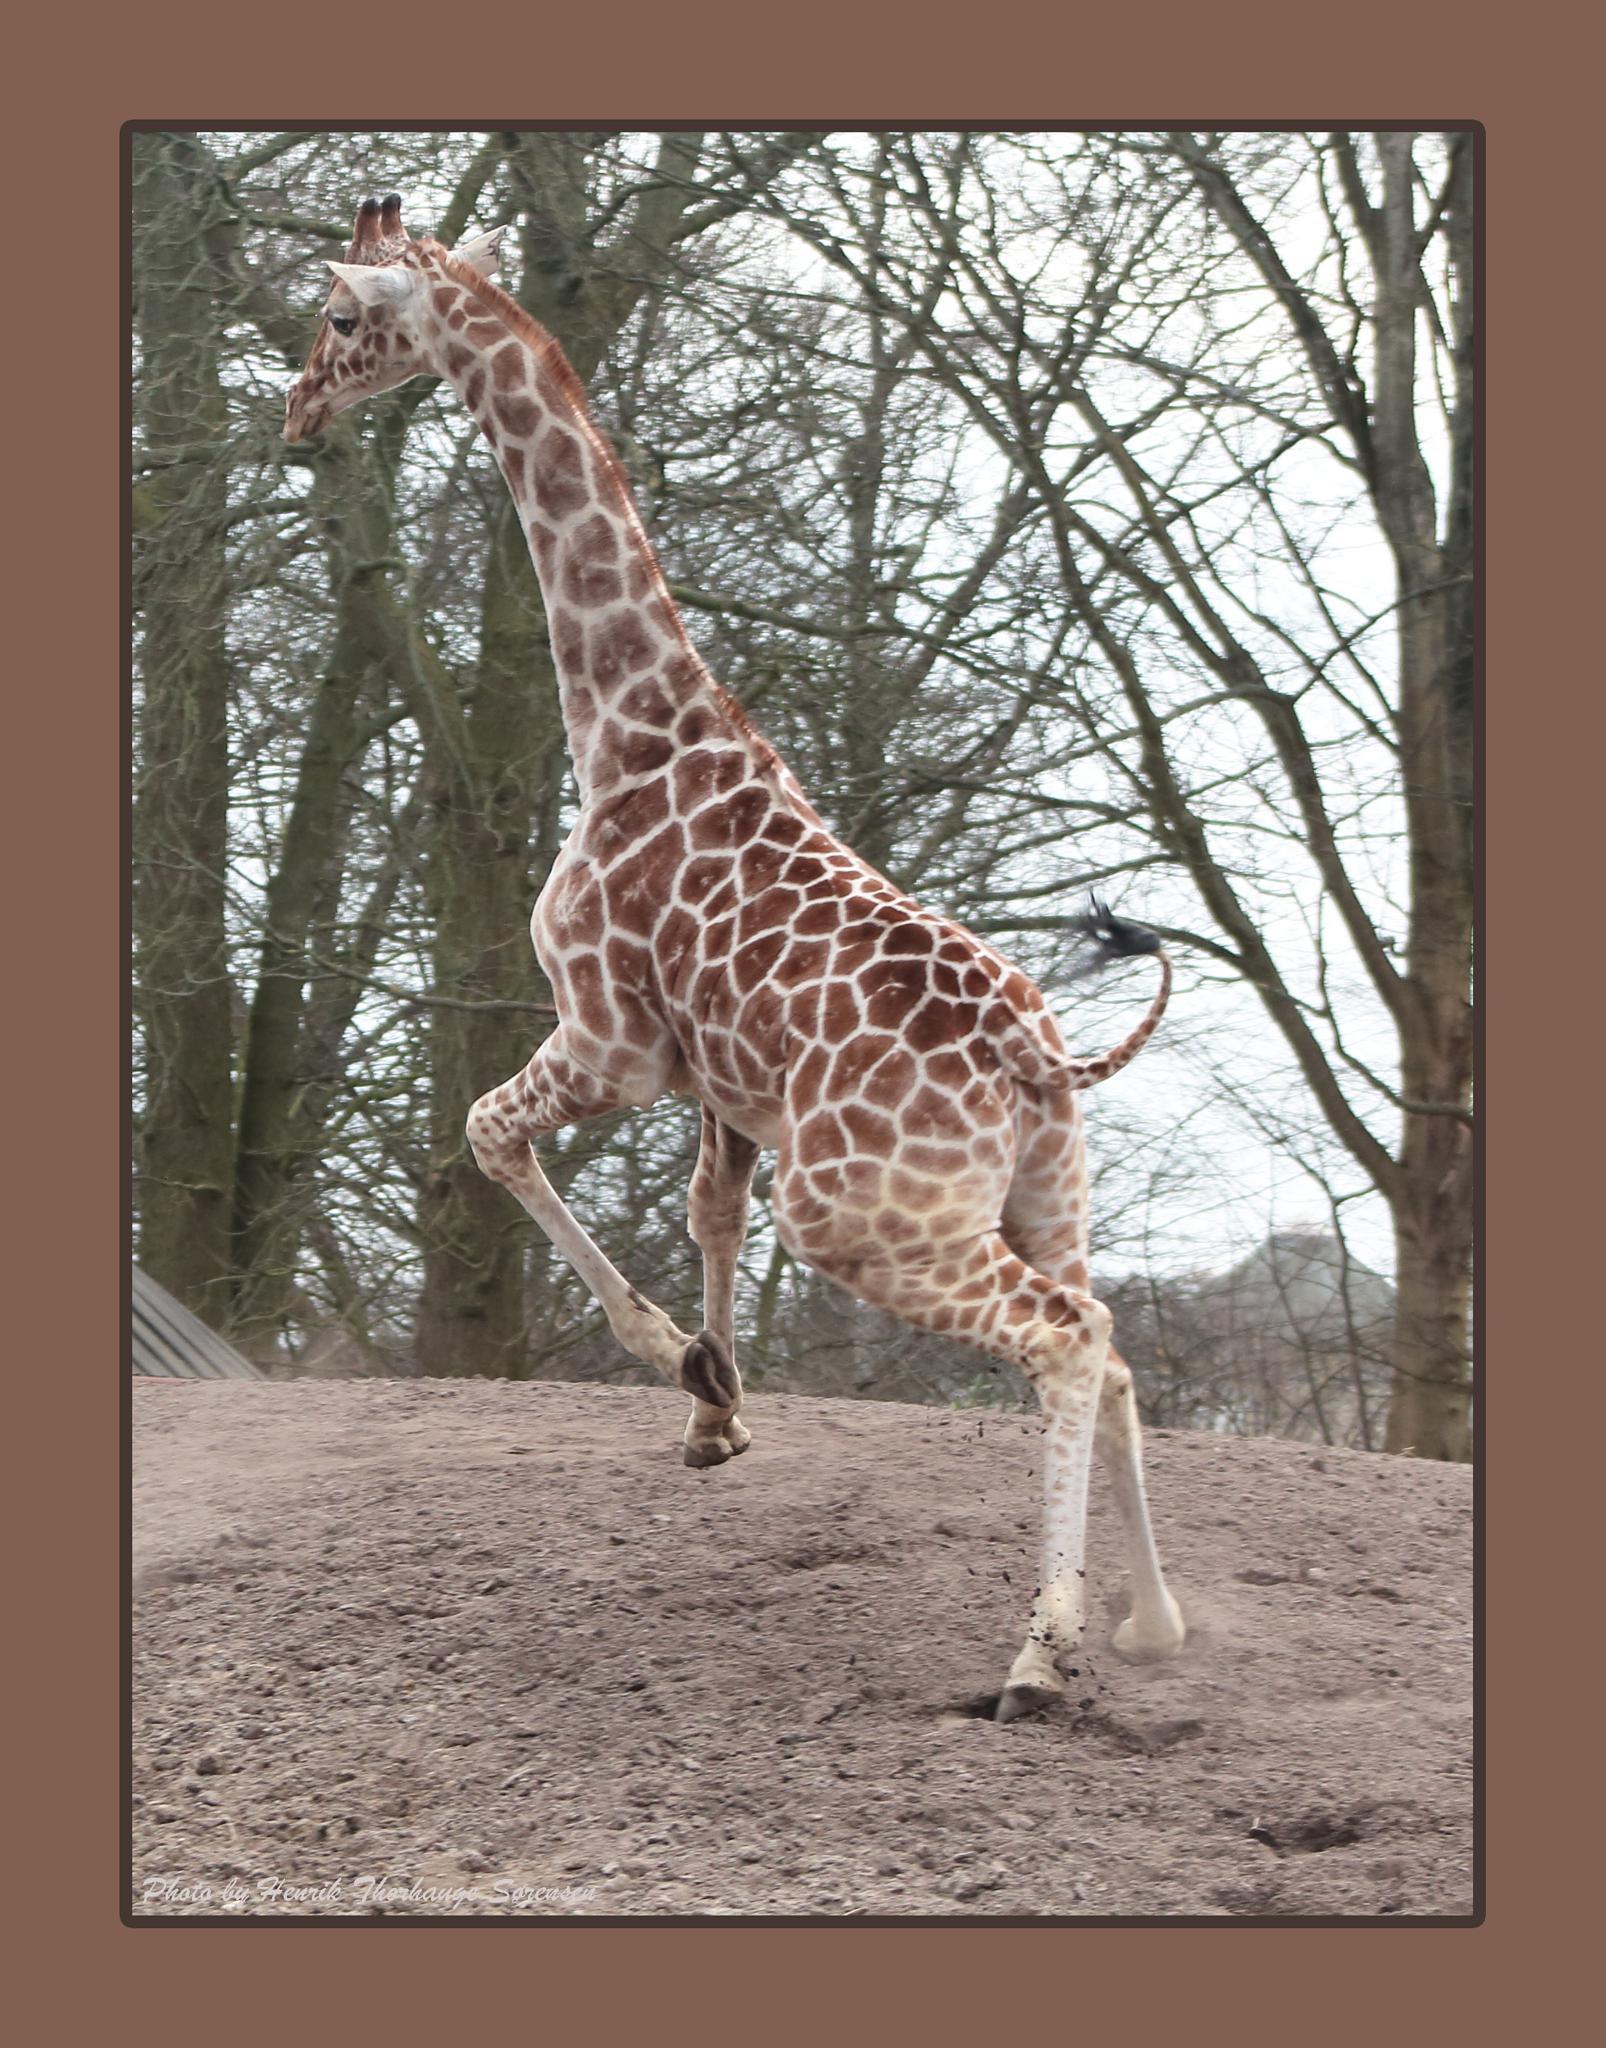 Giraffe by Henrik T. Sørensen